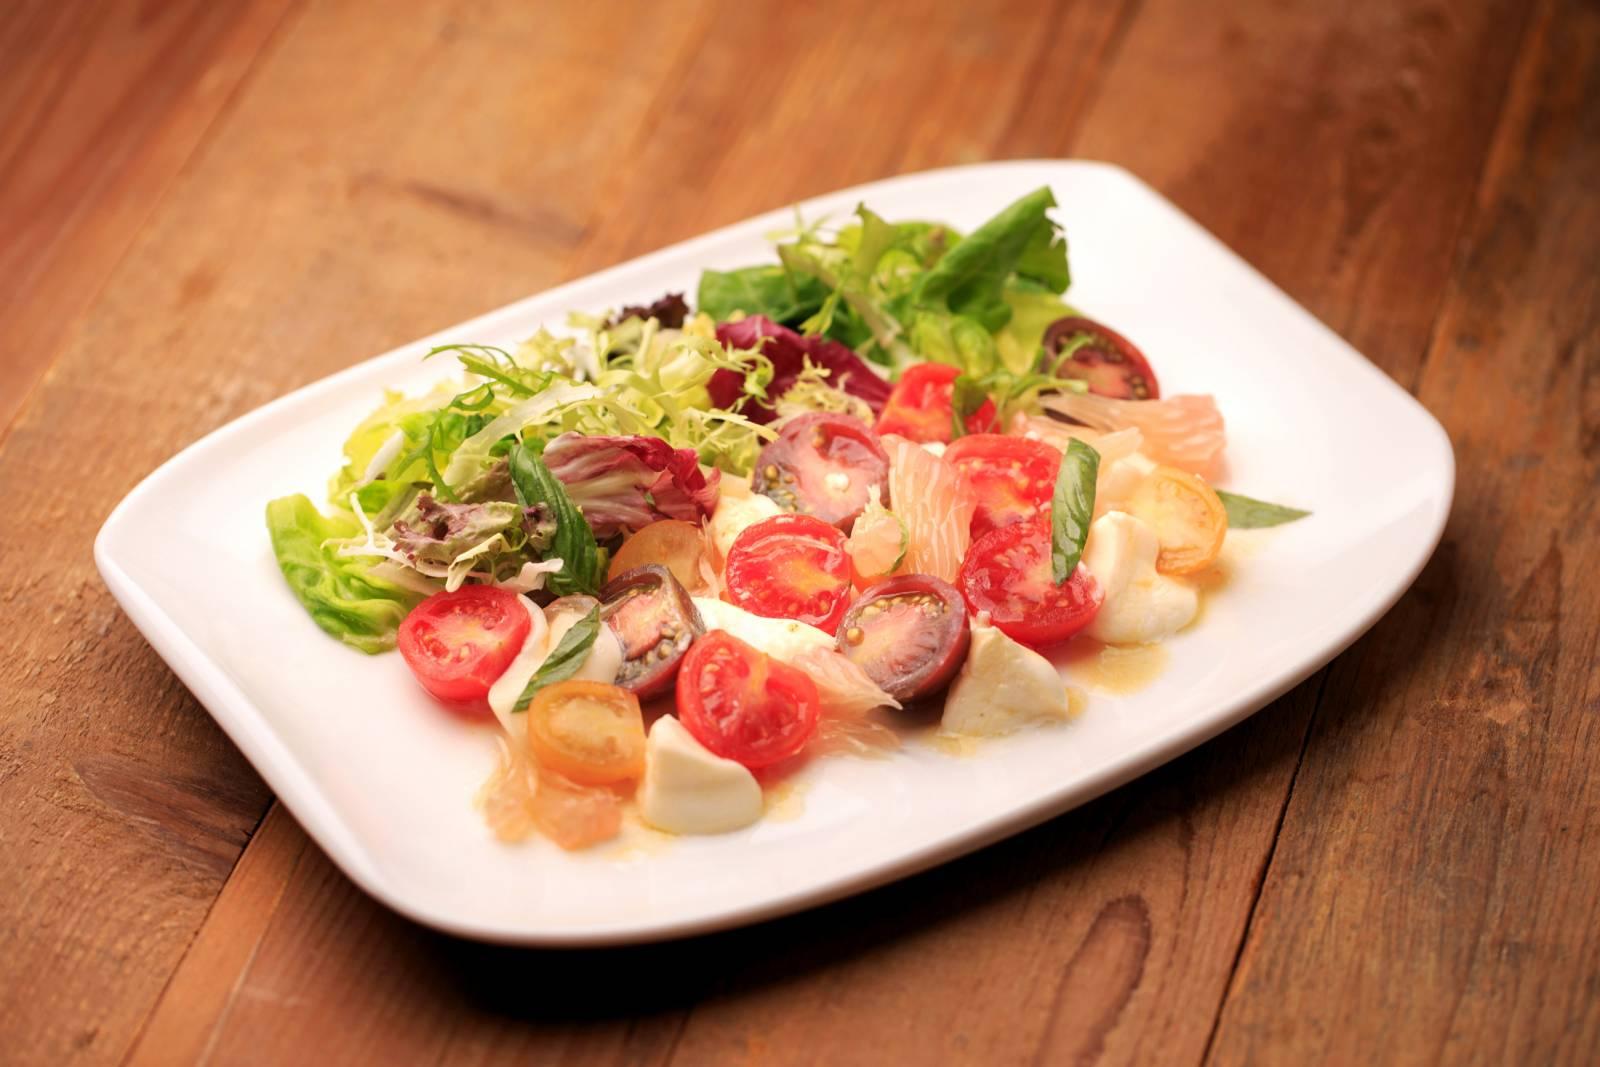 agnès b. Le Pain Grillé 豐收慶典 完美食材一次呈現